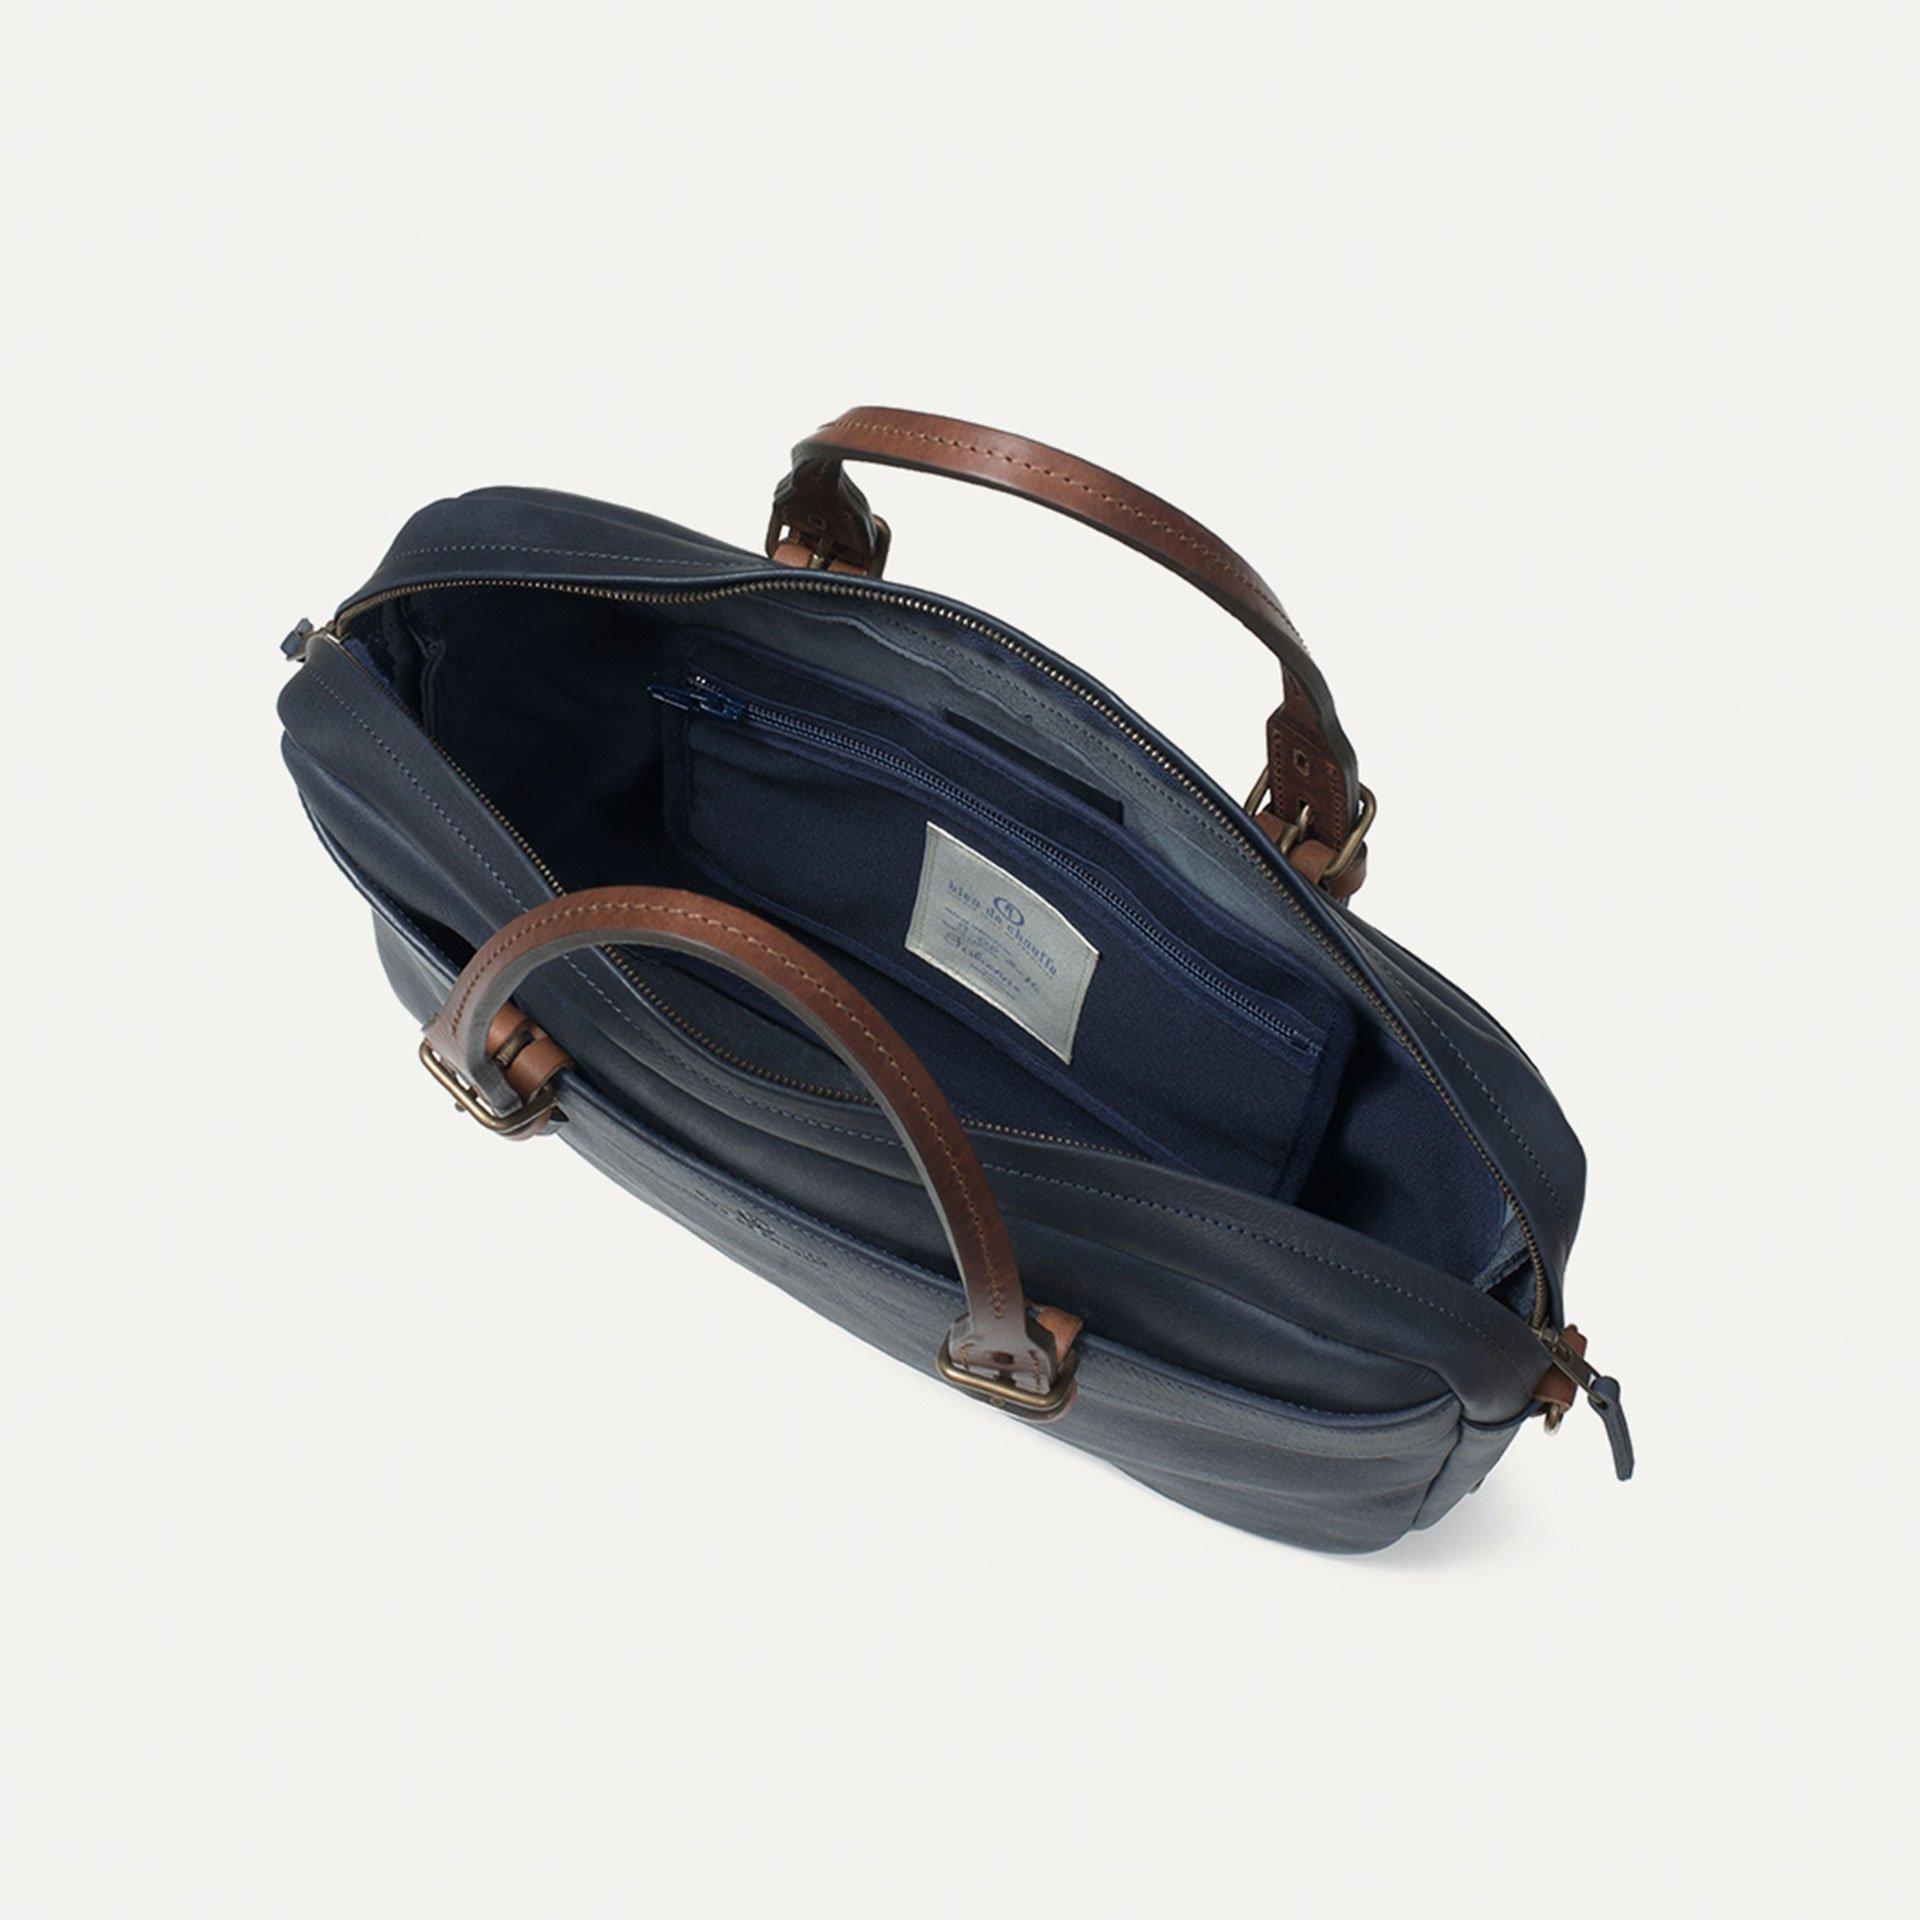 Folder Business bag - Navy Blue (image n°5)